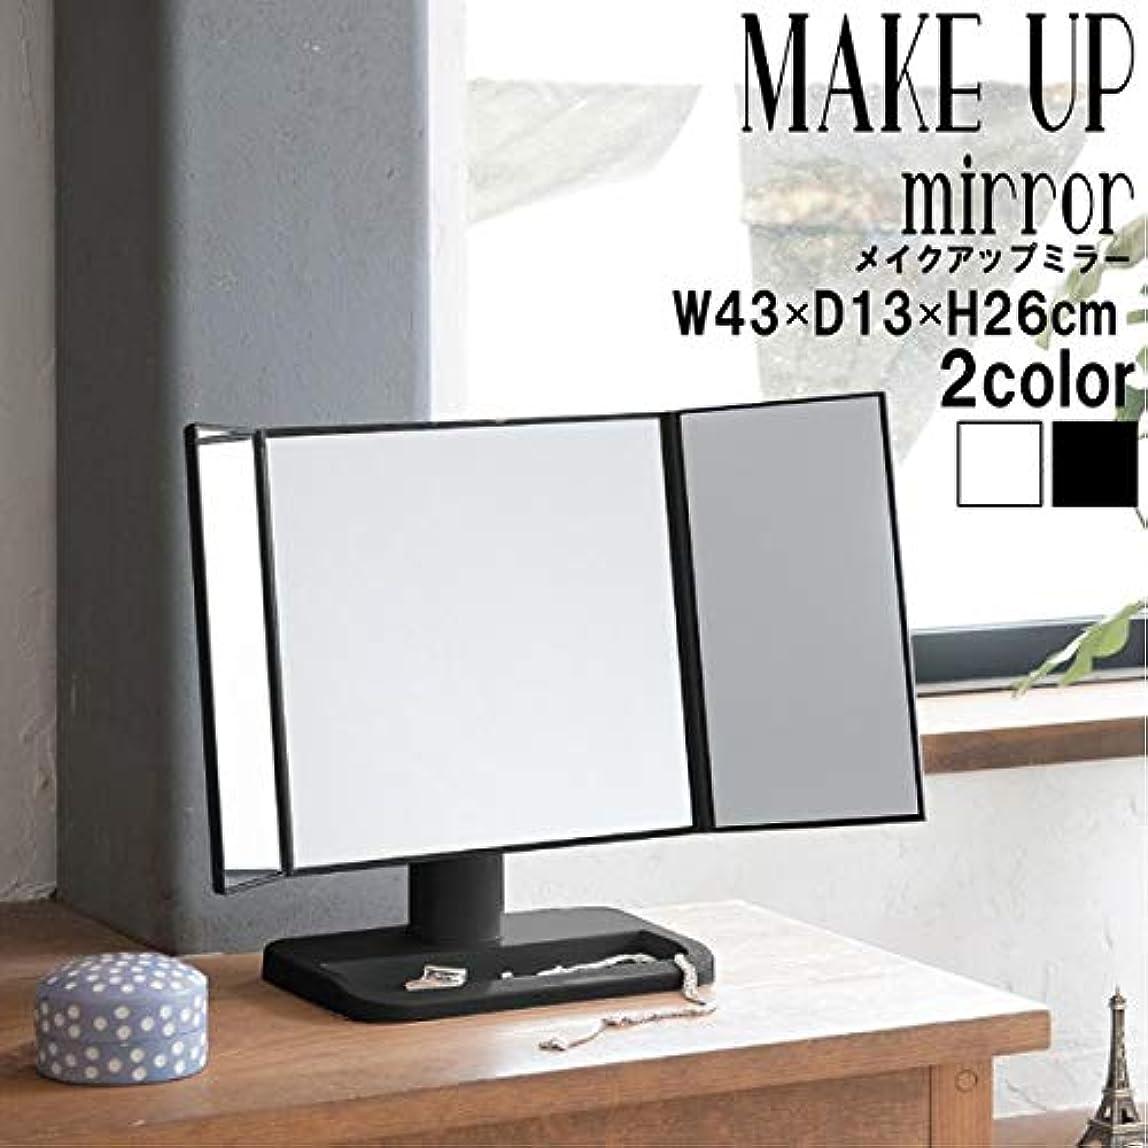 作者ノーブル下位メイクアップミラー(ブラック/黒) 折りたたみ三面鏡/卓上ミラー/飛散防止加工/角度調整可/ワイド/メイク/収納トレイ付き/折り畳み/完成品/NK-242 ds-1520707